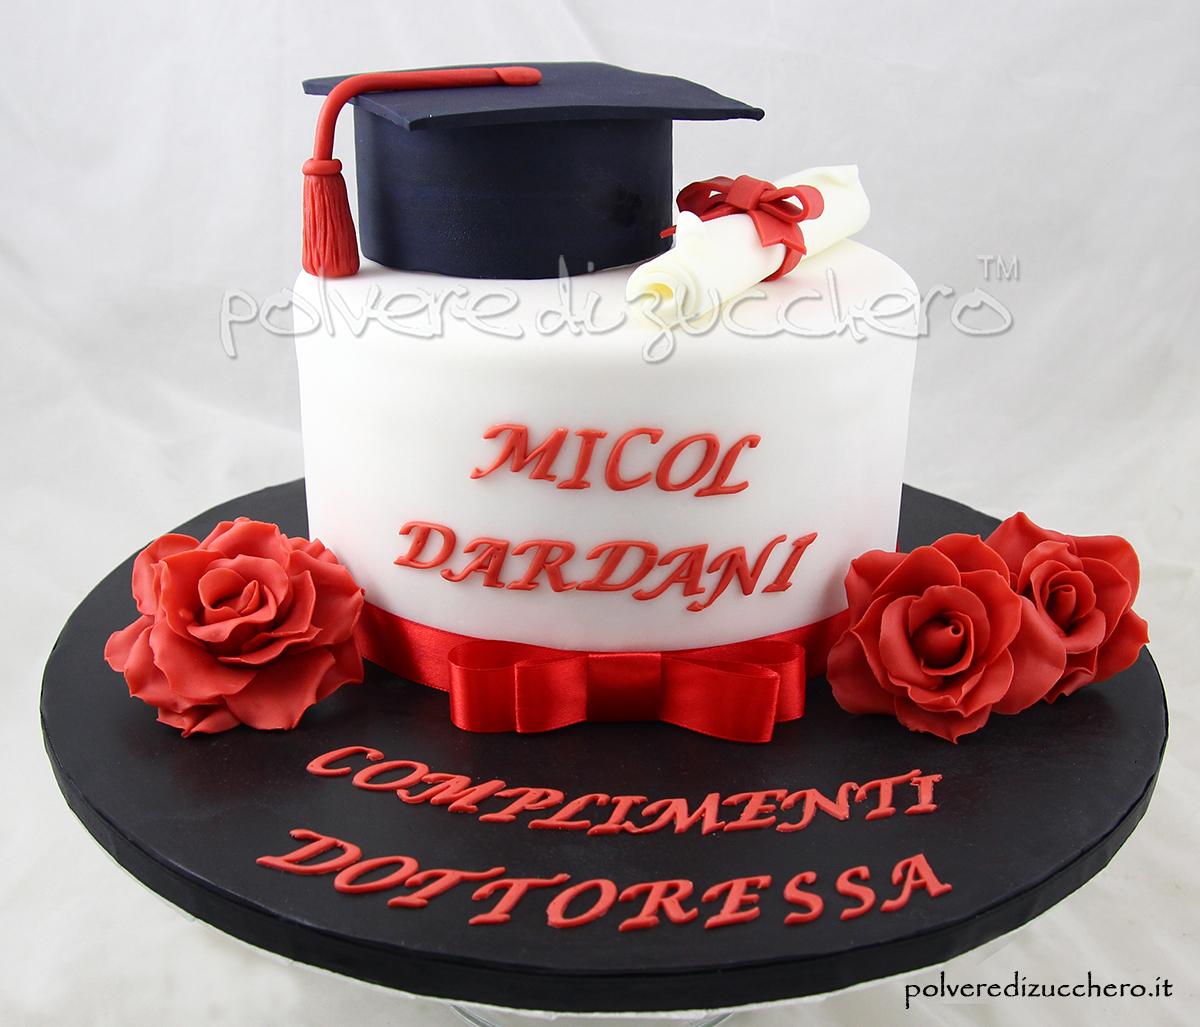 Torte Cake Design Milano : Torta di laurea per una dottoressa con toco, pergamena e ...